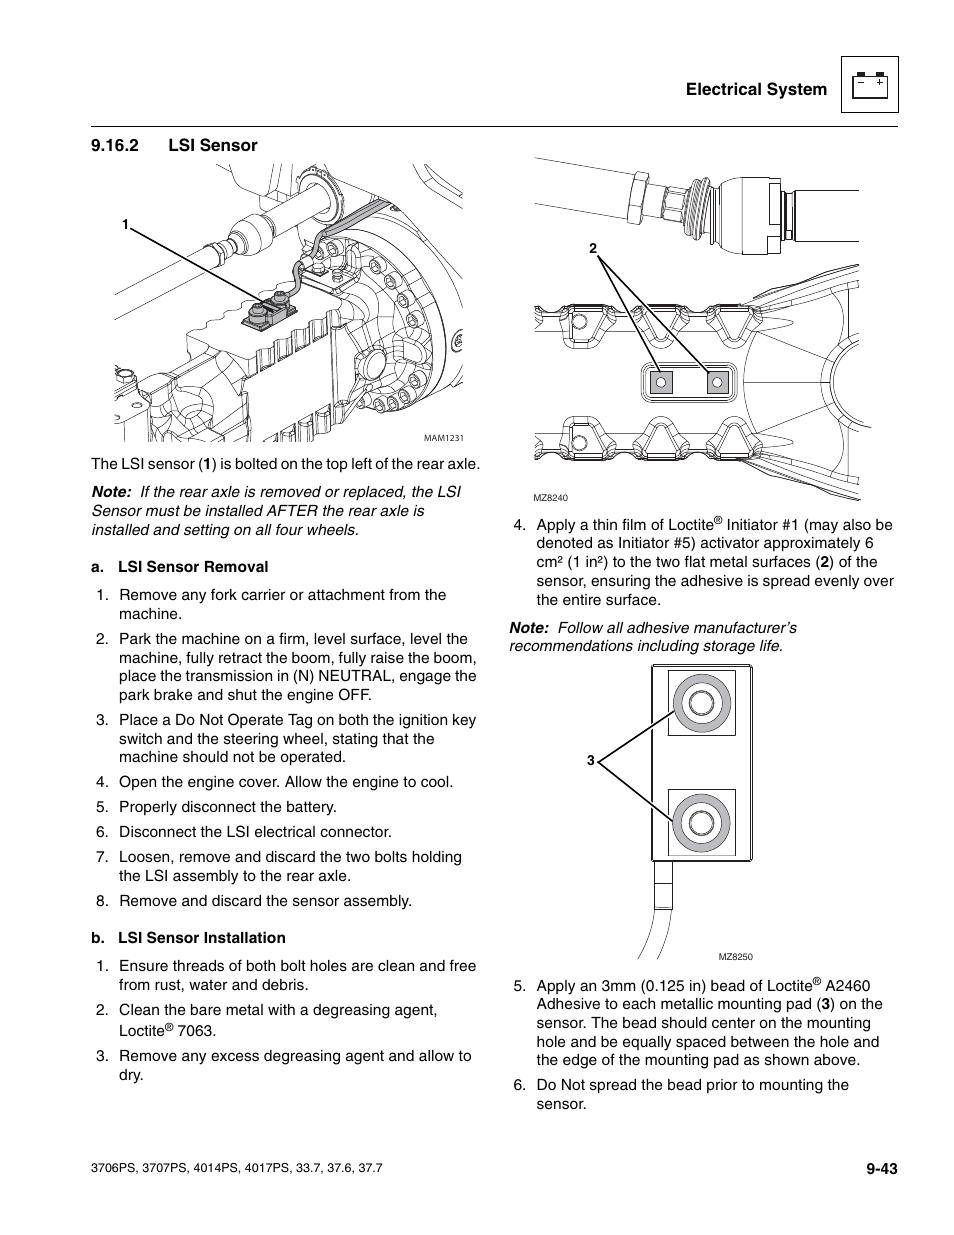 2 lsi sensor, Lsi sensor | JLG 4017PS Service Manual User